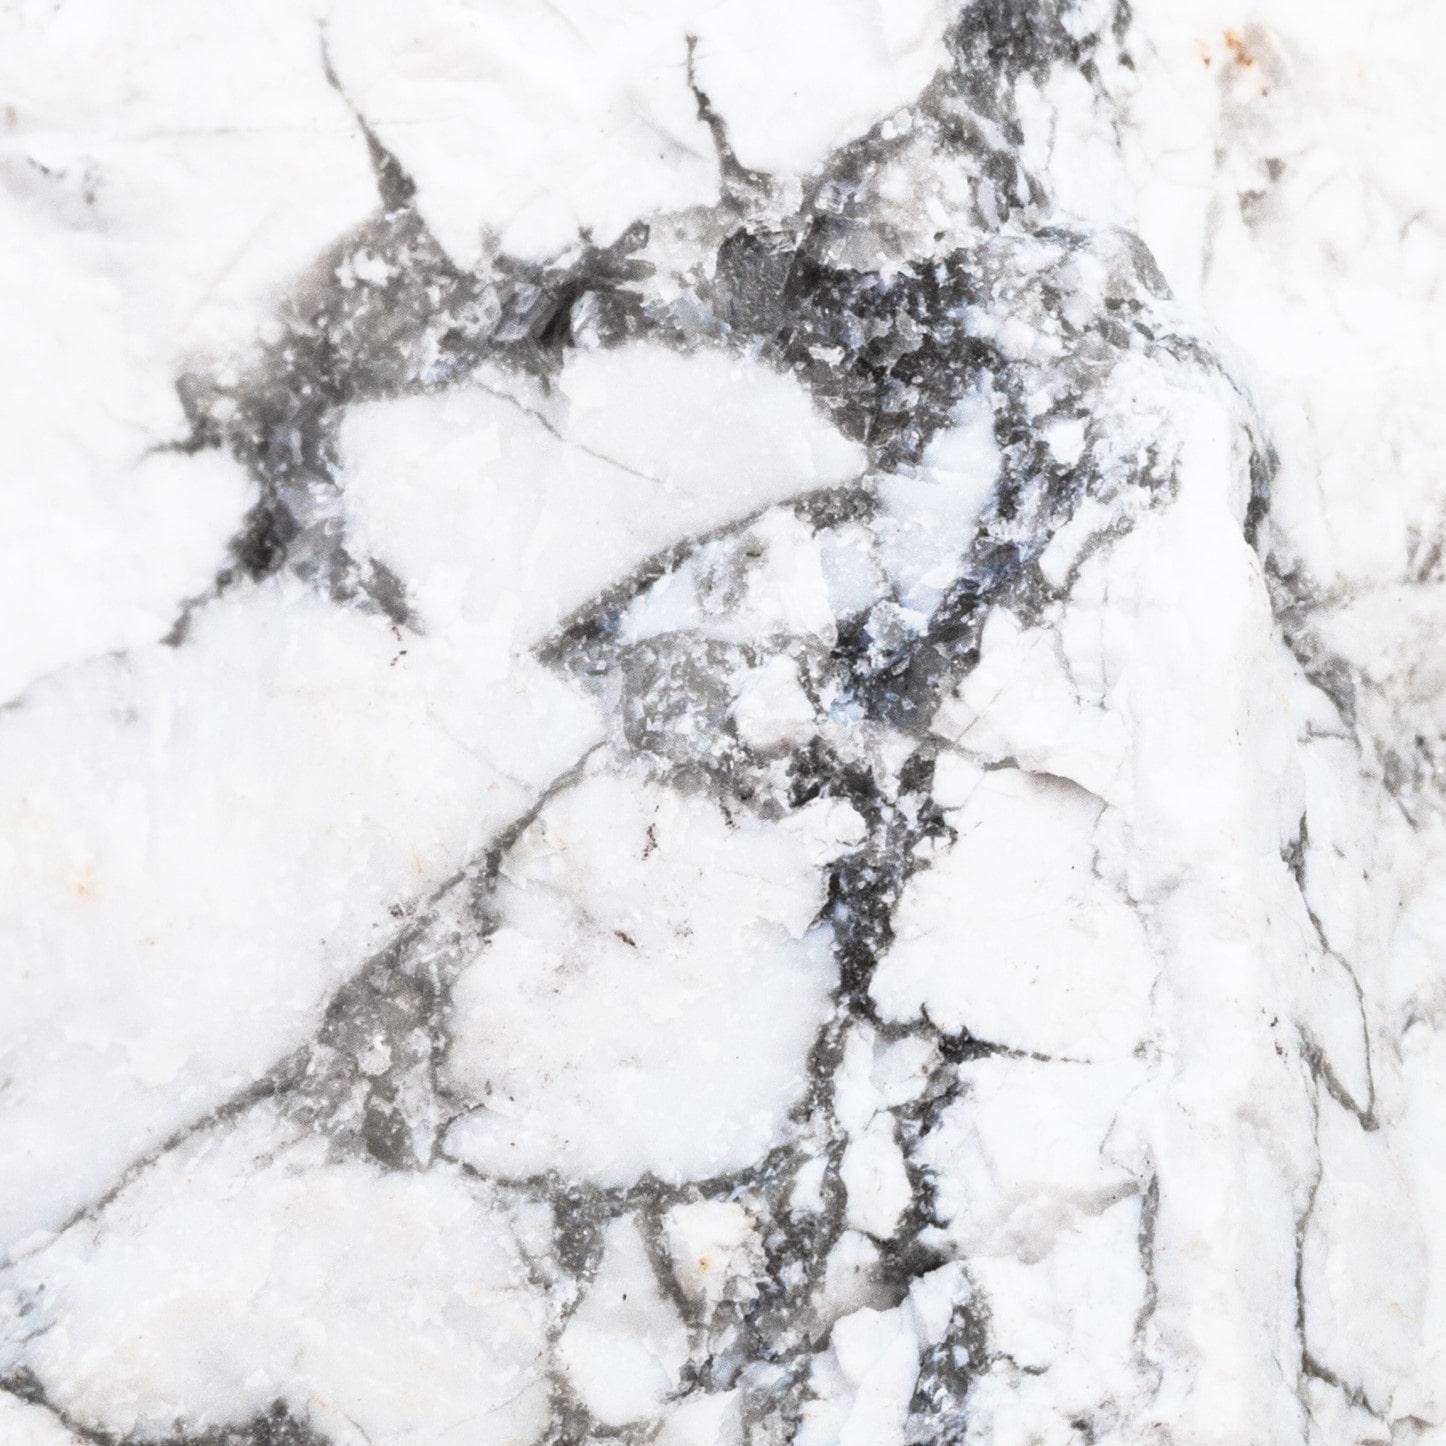 Composition chimique de la howlite blanche